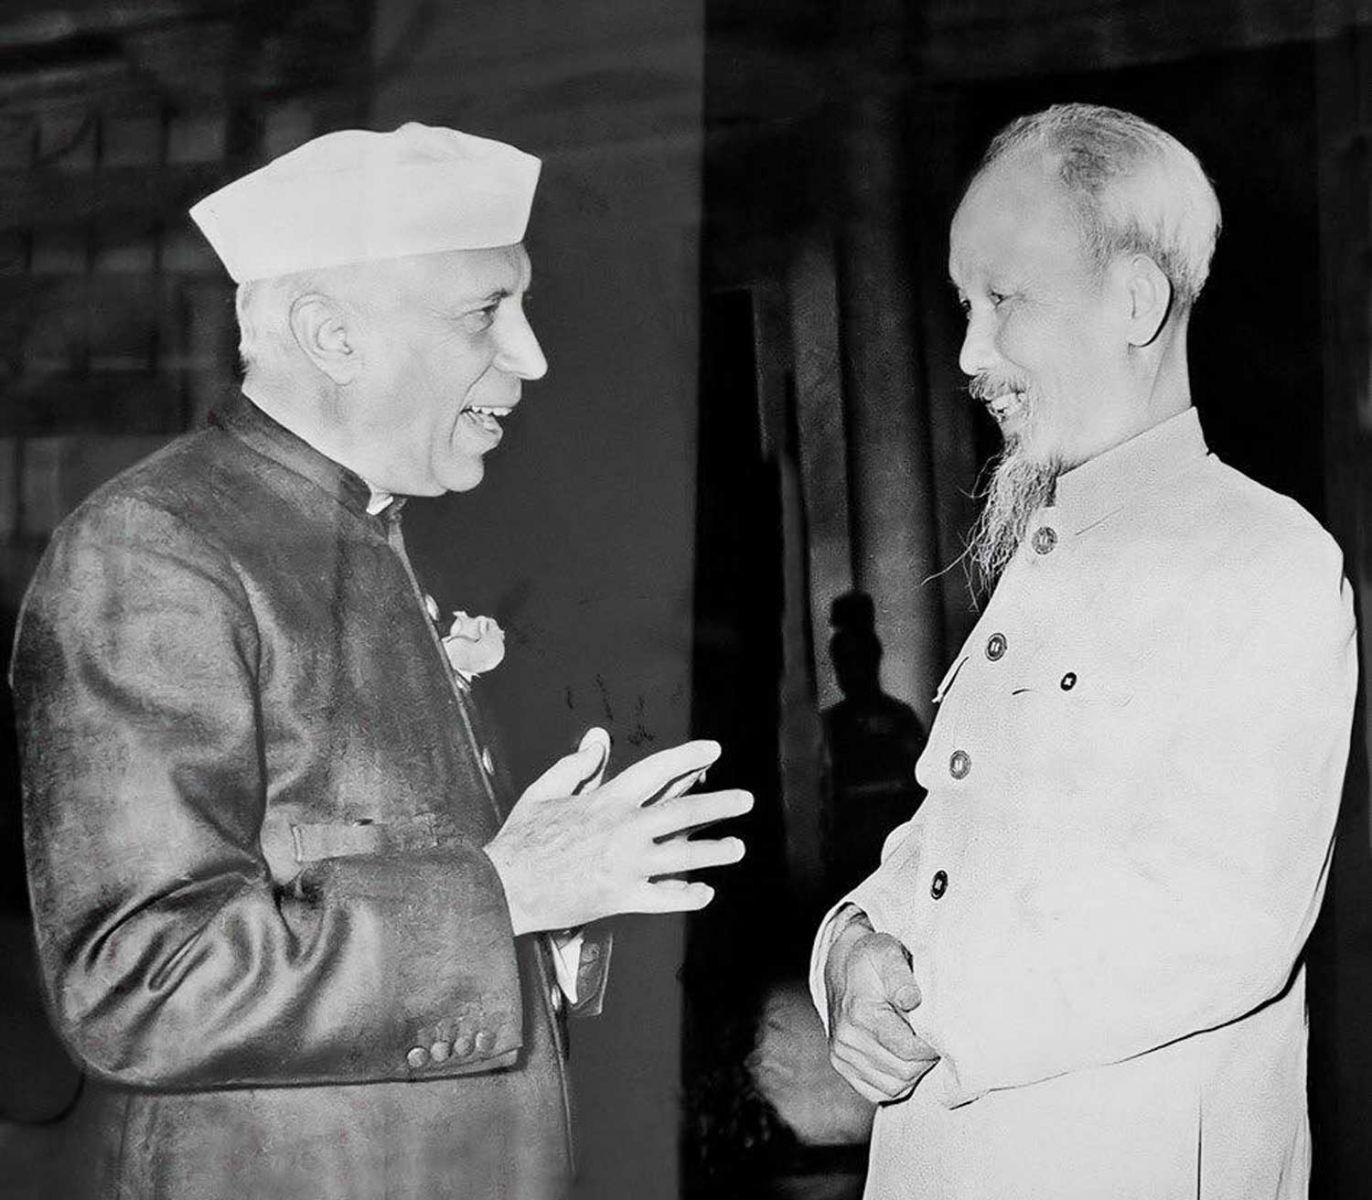 Chủ tịch Hồ Chí Minh với Ấn Độ và sự gắn kết tình hữu nghị Việt Nam - Ấn Độ